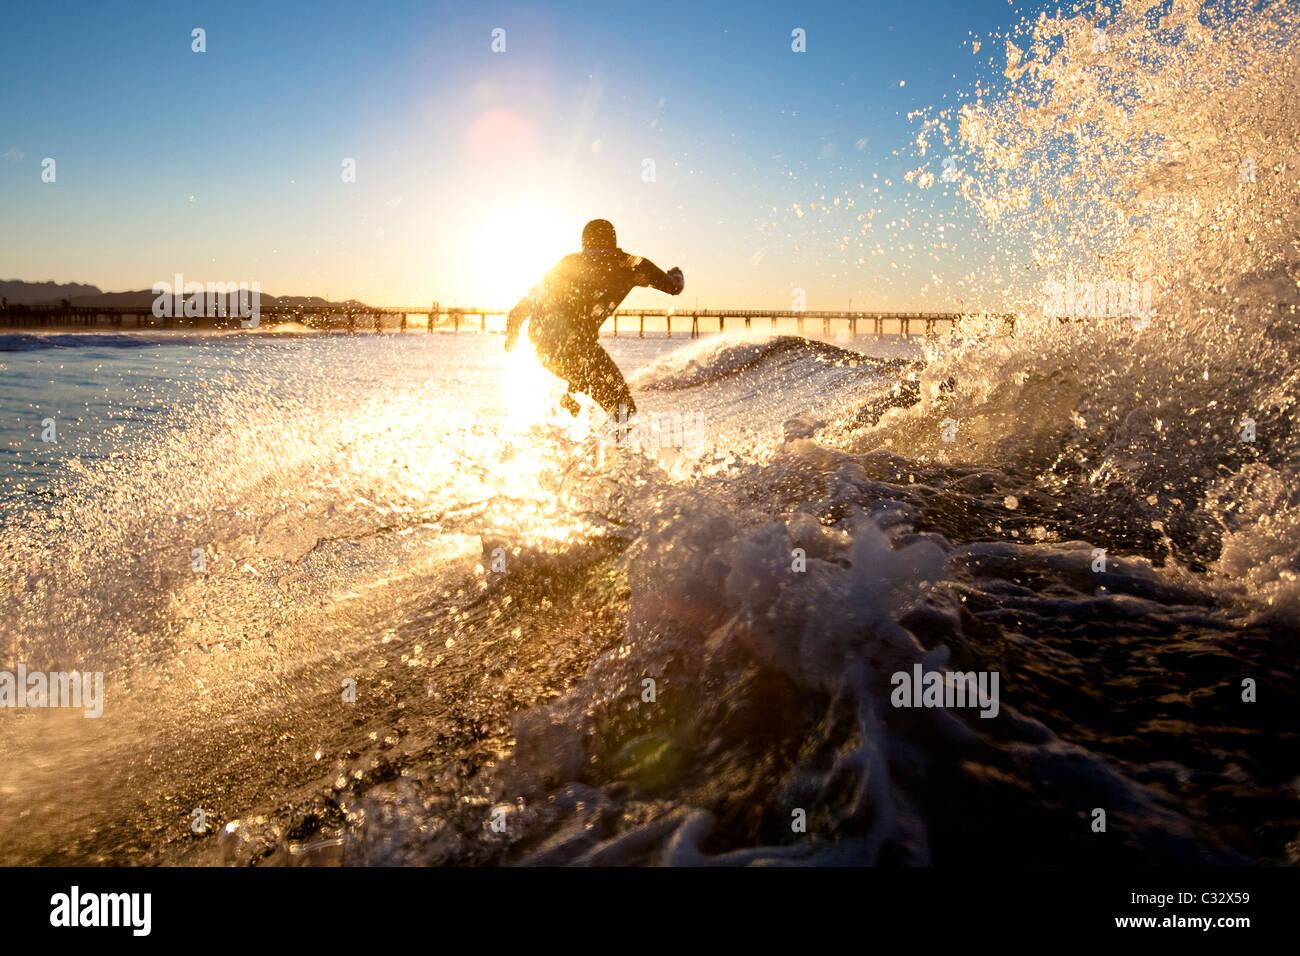 Un internaute met en place pour un air alors qu'une vague à Port Hueneme Beach dans la ville de Port Hueneme, Photo Stock